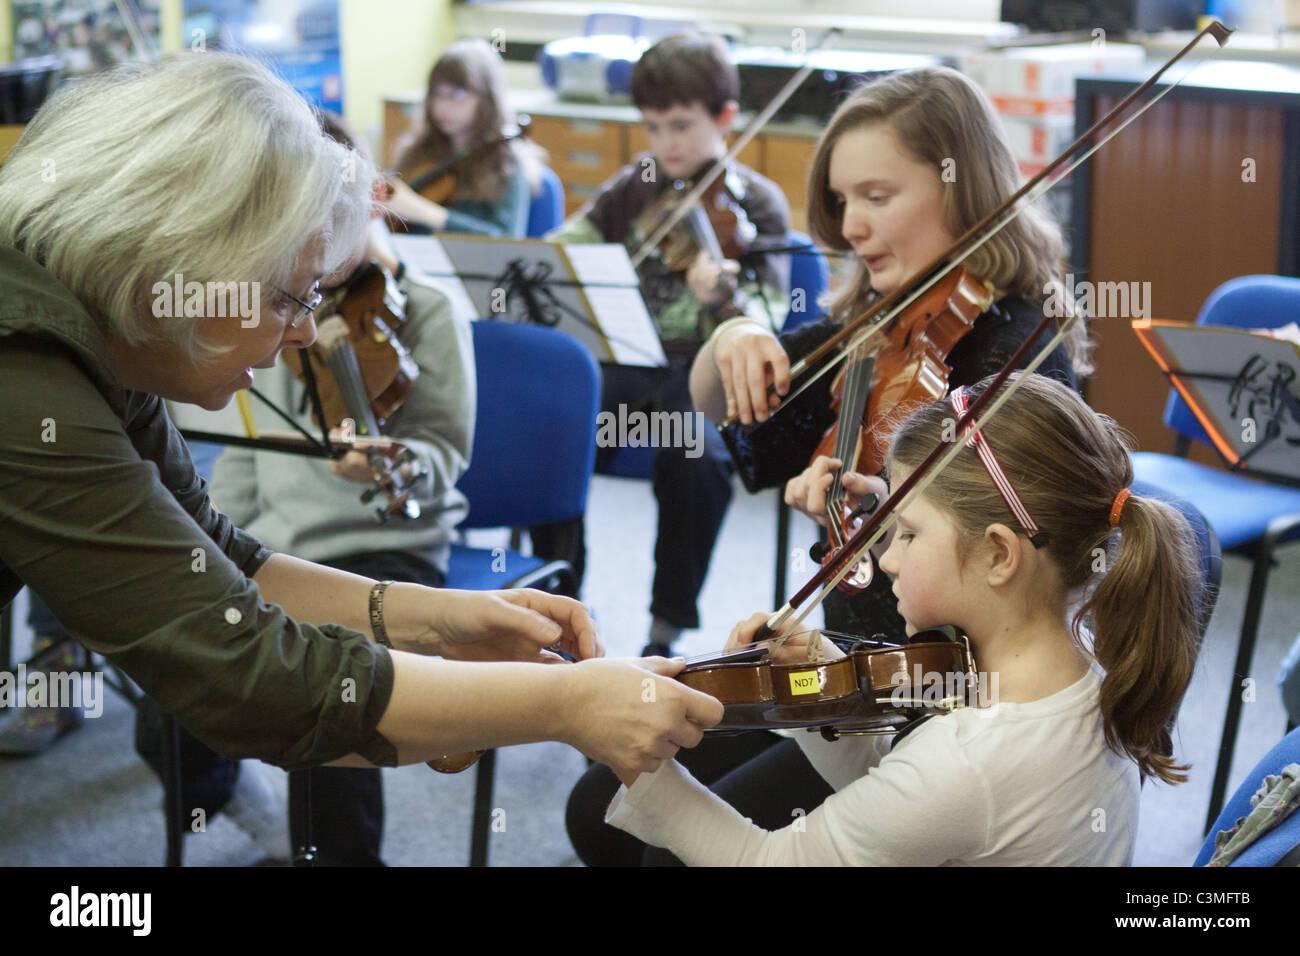 Giovani violinisti suonando i loro violini a una gioventù musica del gruppo / Orchestra / banda, con insegnante Immagini Stock